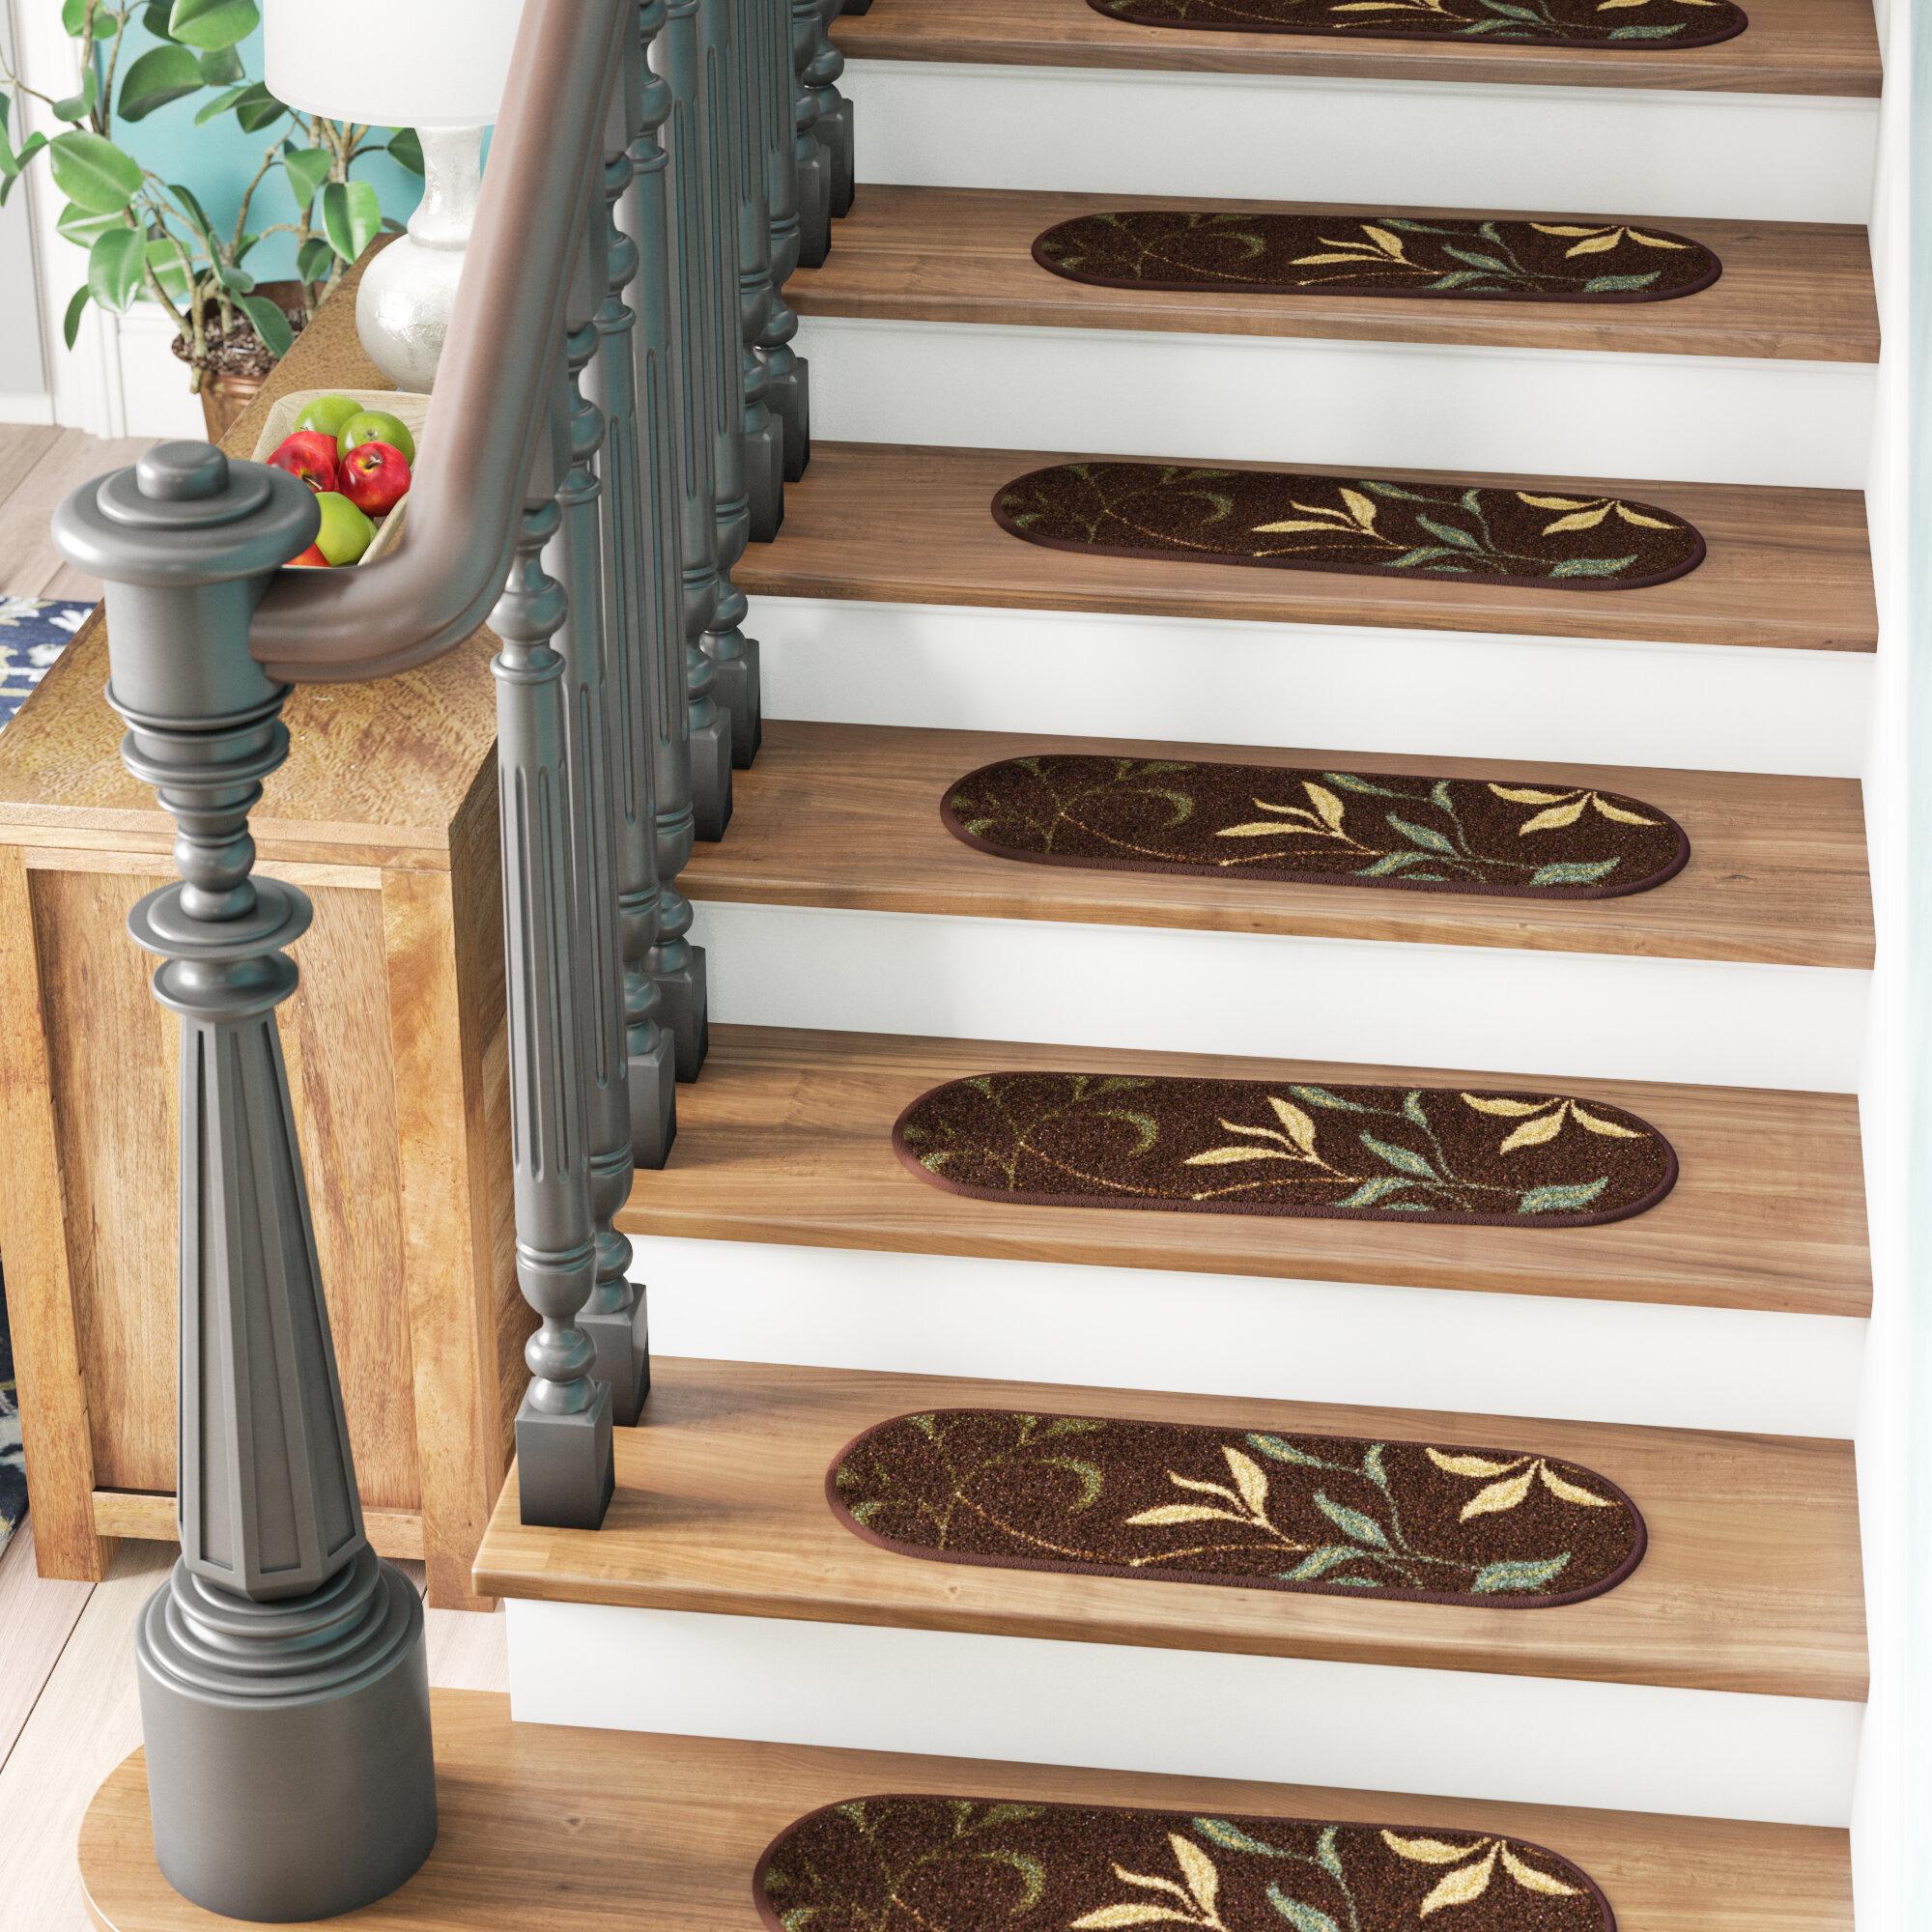 Andover Mills Galesburg Leaf Oval Brown/Beige Stair Tread U0026 Reviews |  Wayfair